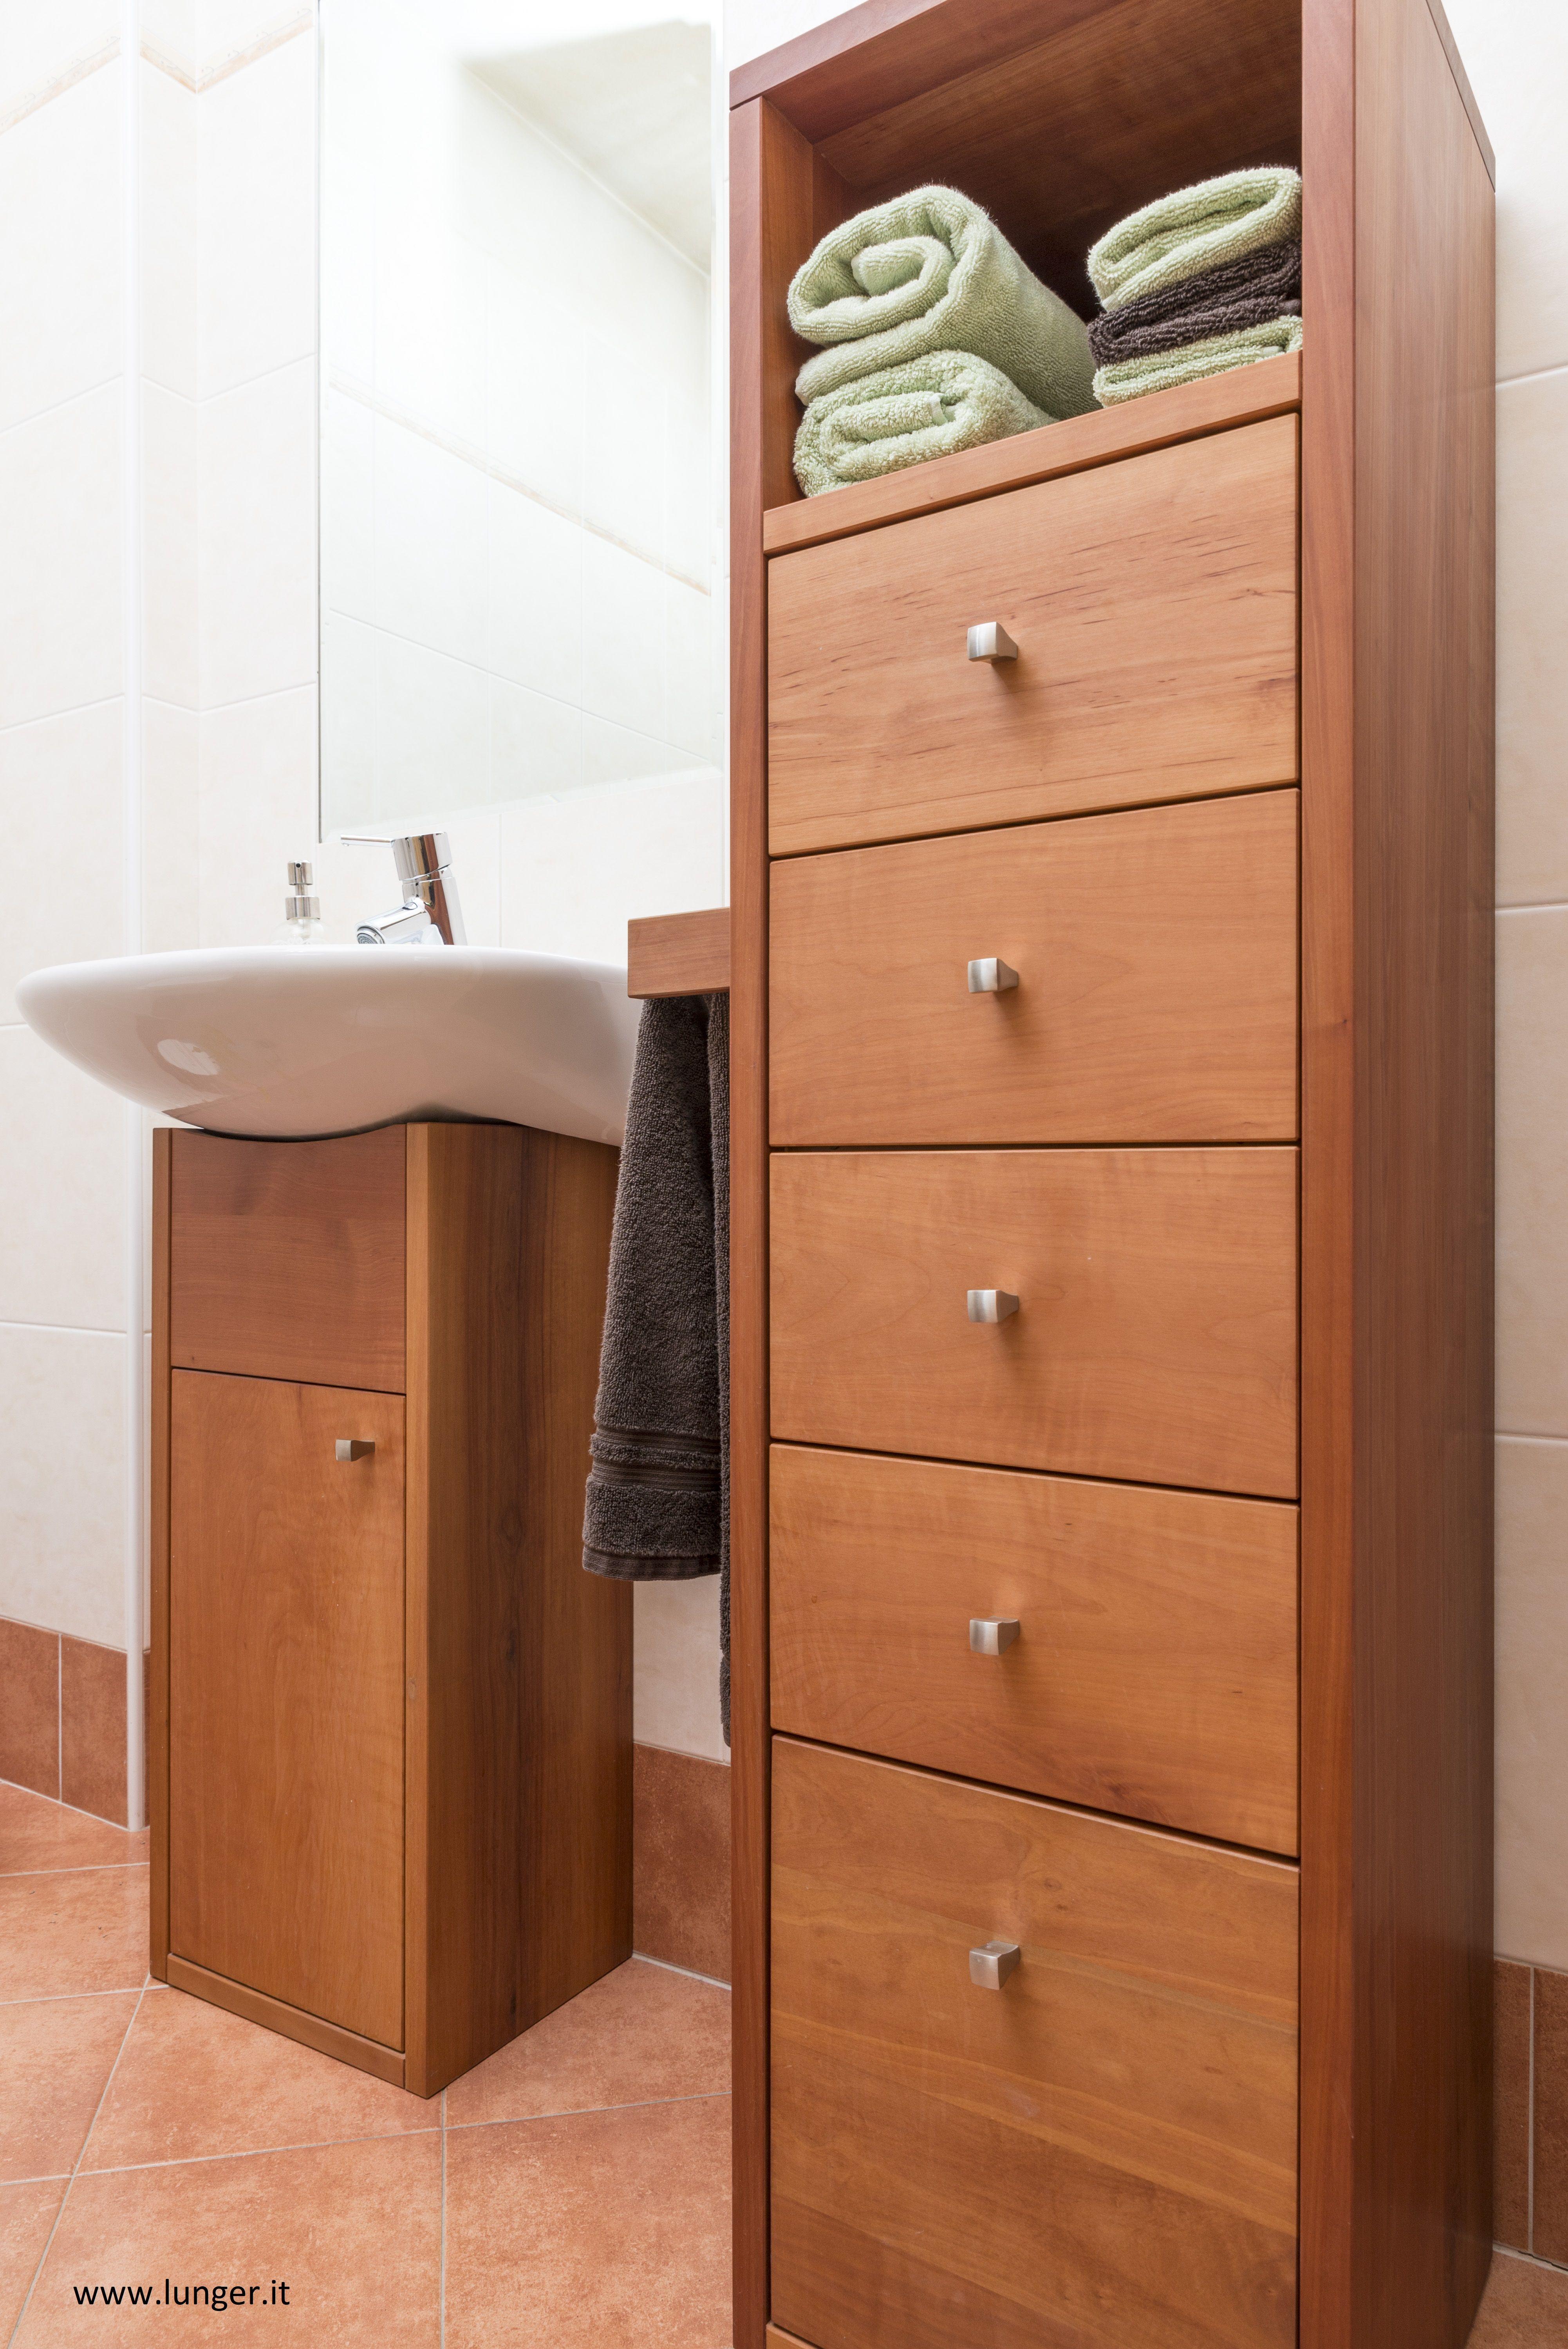 Tages Wc Möbel In Elsbeere Massiv In 2019 Badezimmer